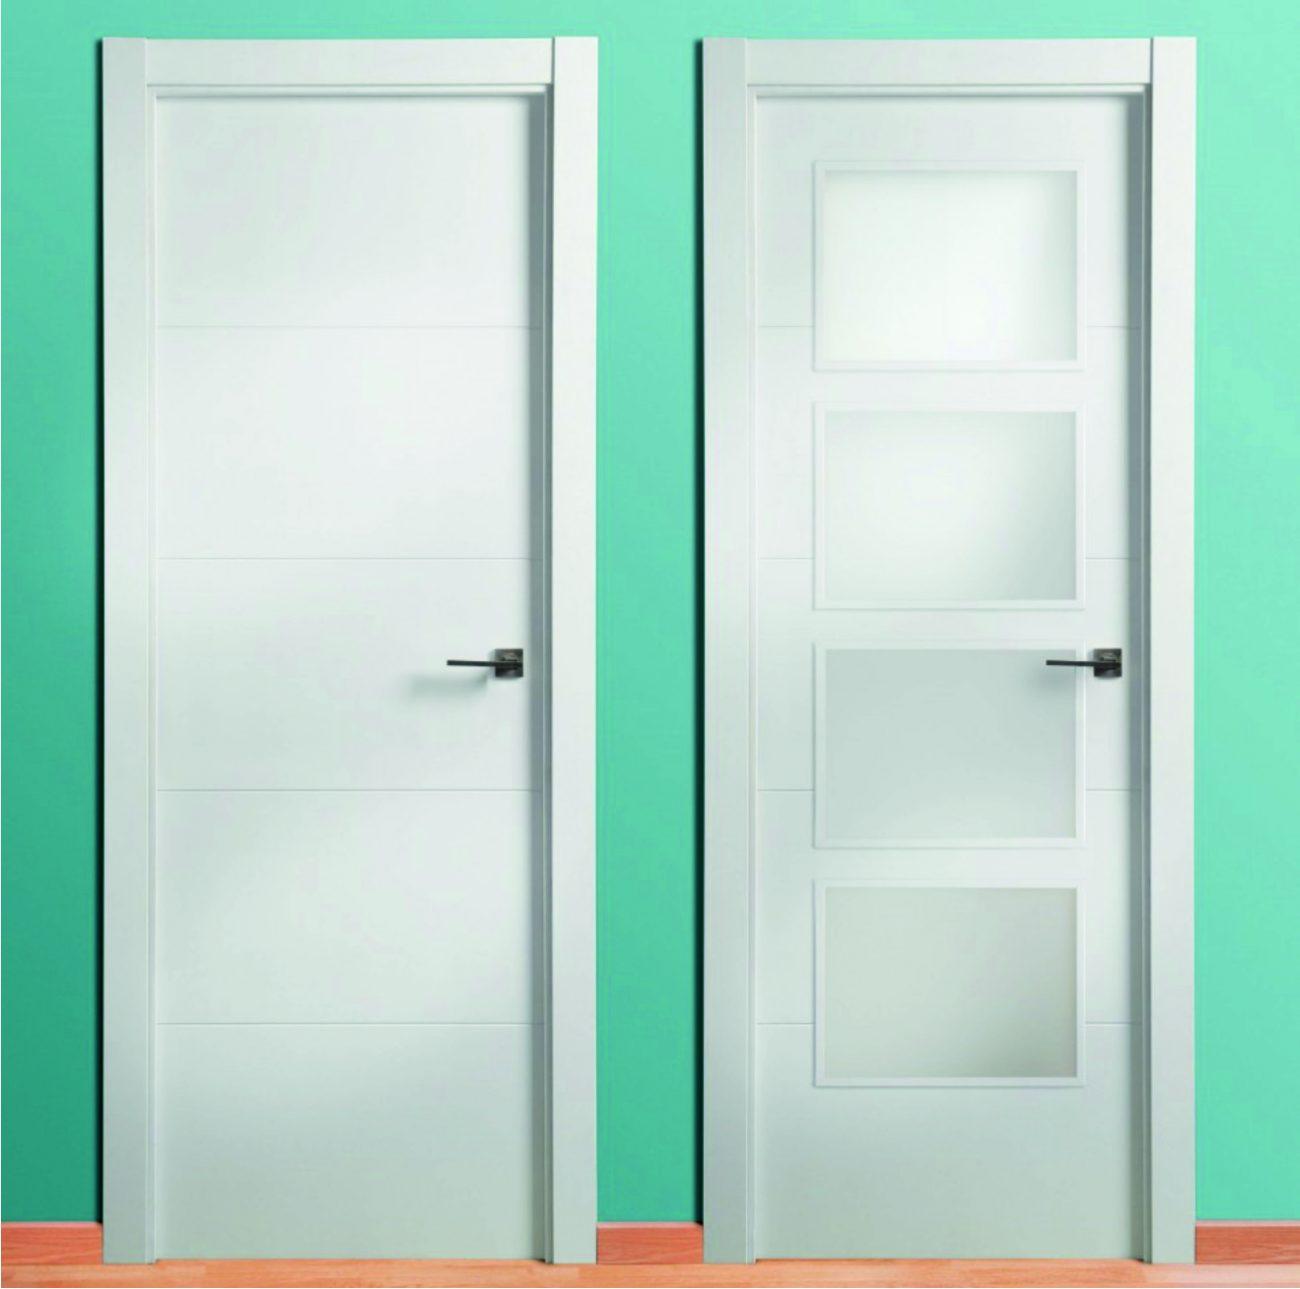 Puerta lacada blanca 4 ranuras 9003 cat logo maderas acu a for Puerta lacada blanca